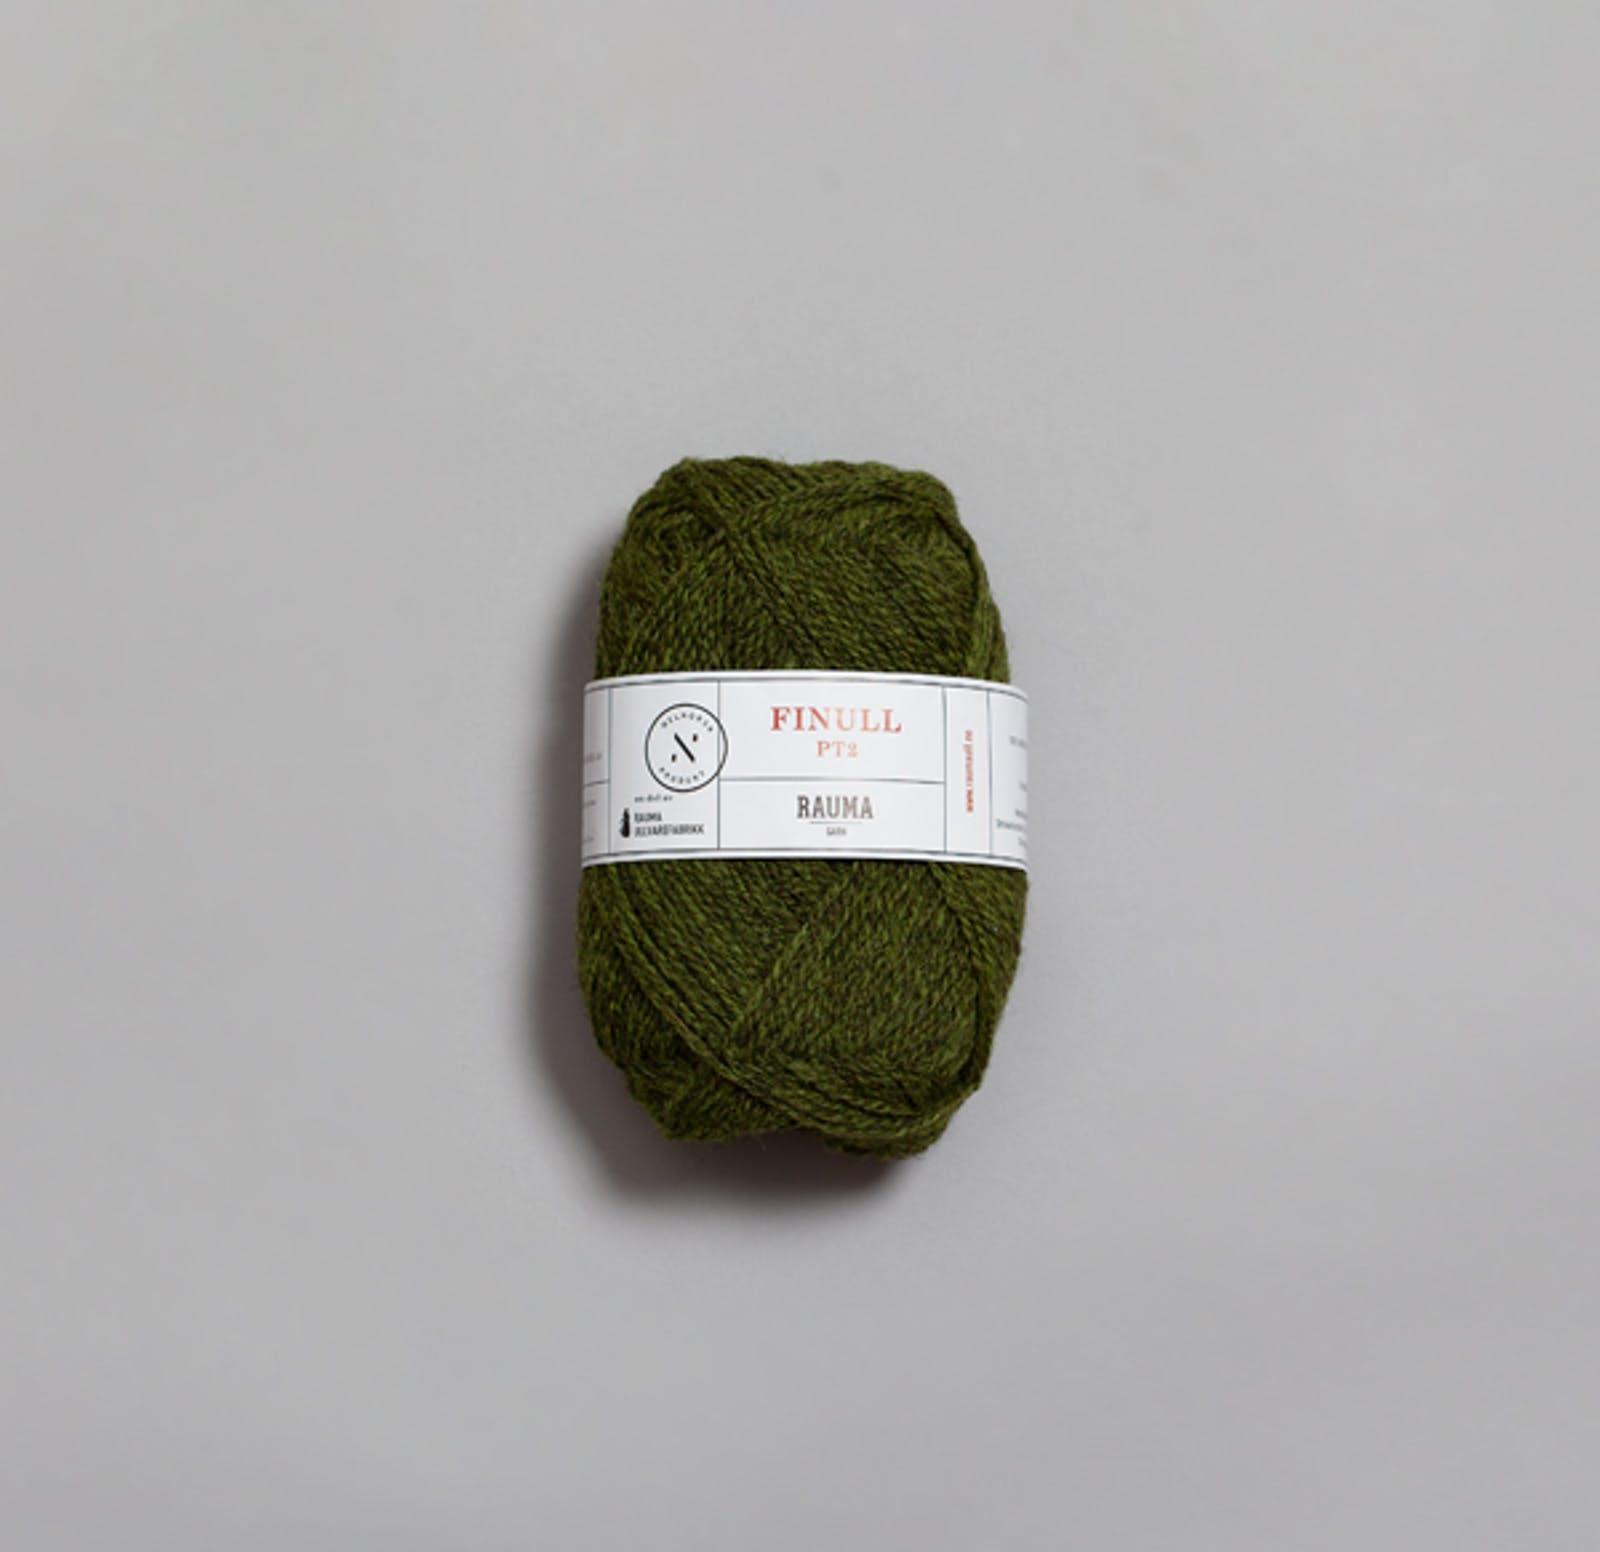 Rauma Finull-PT2-4130